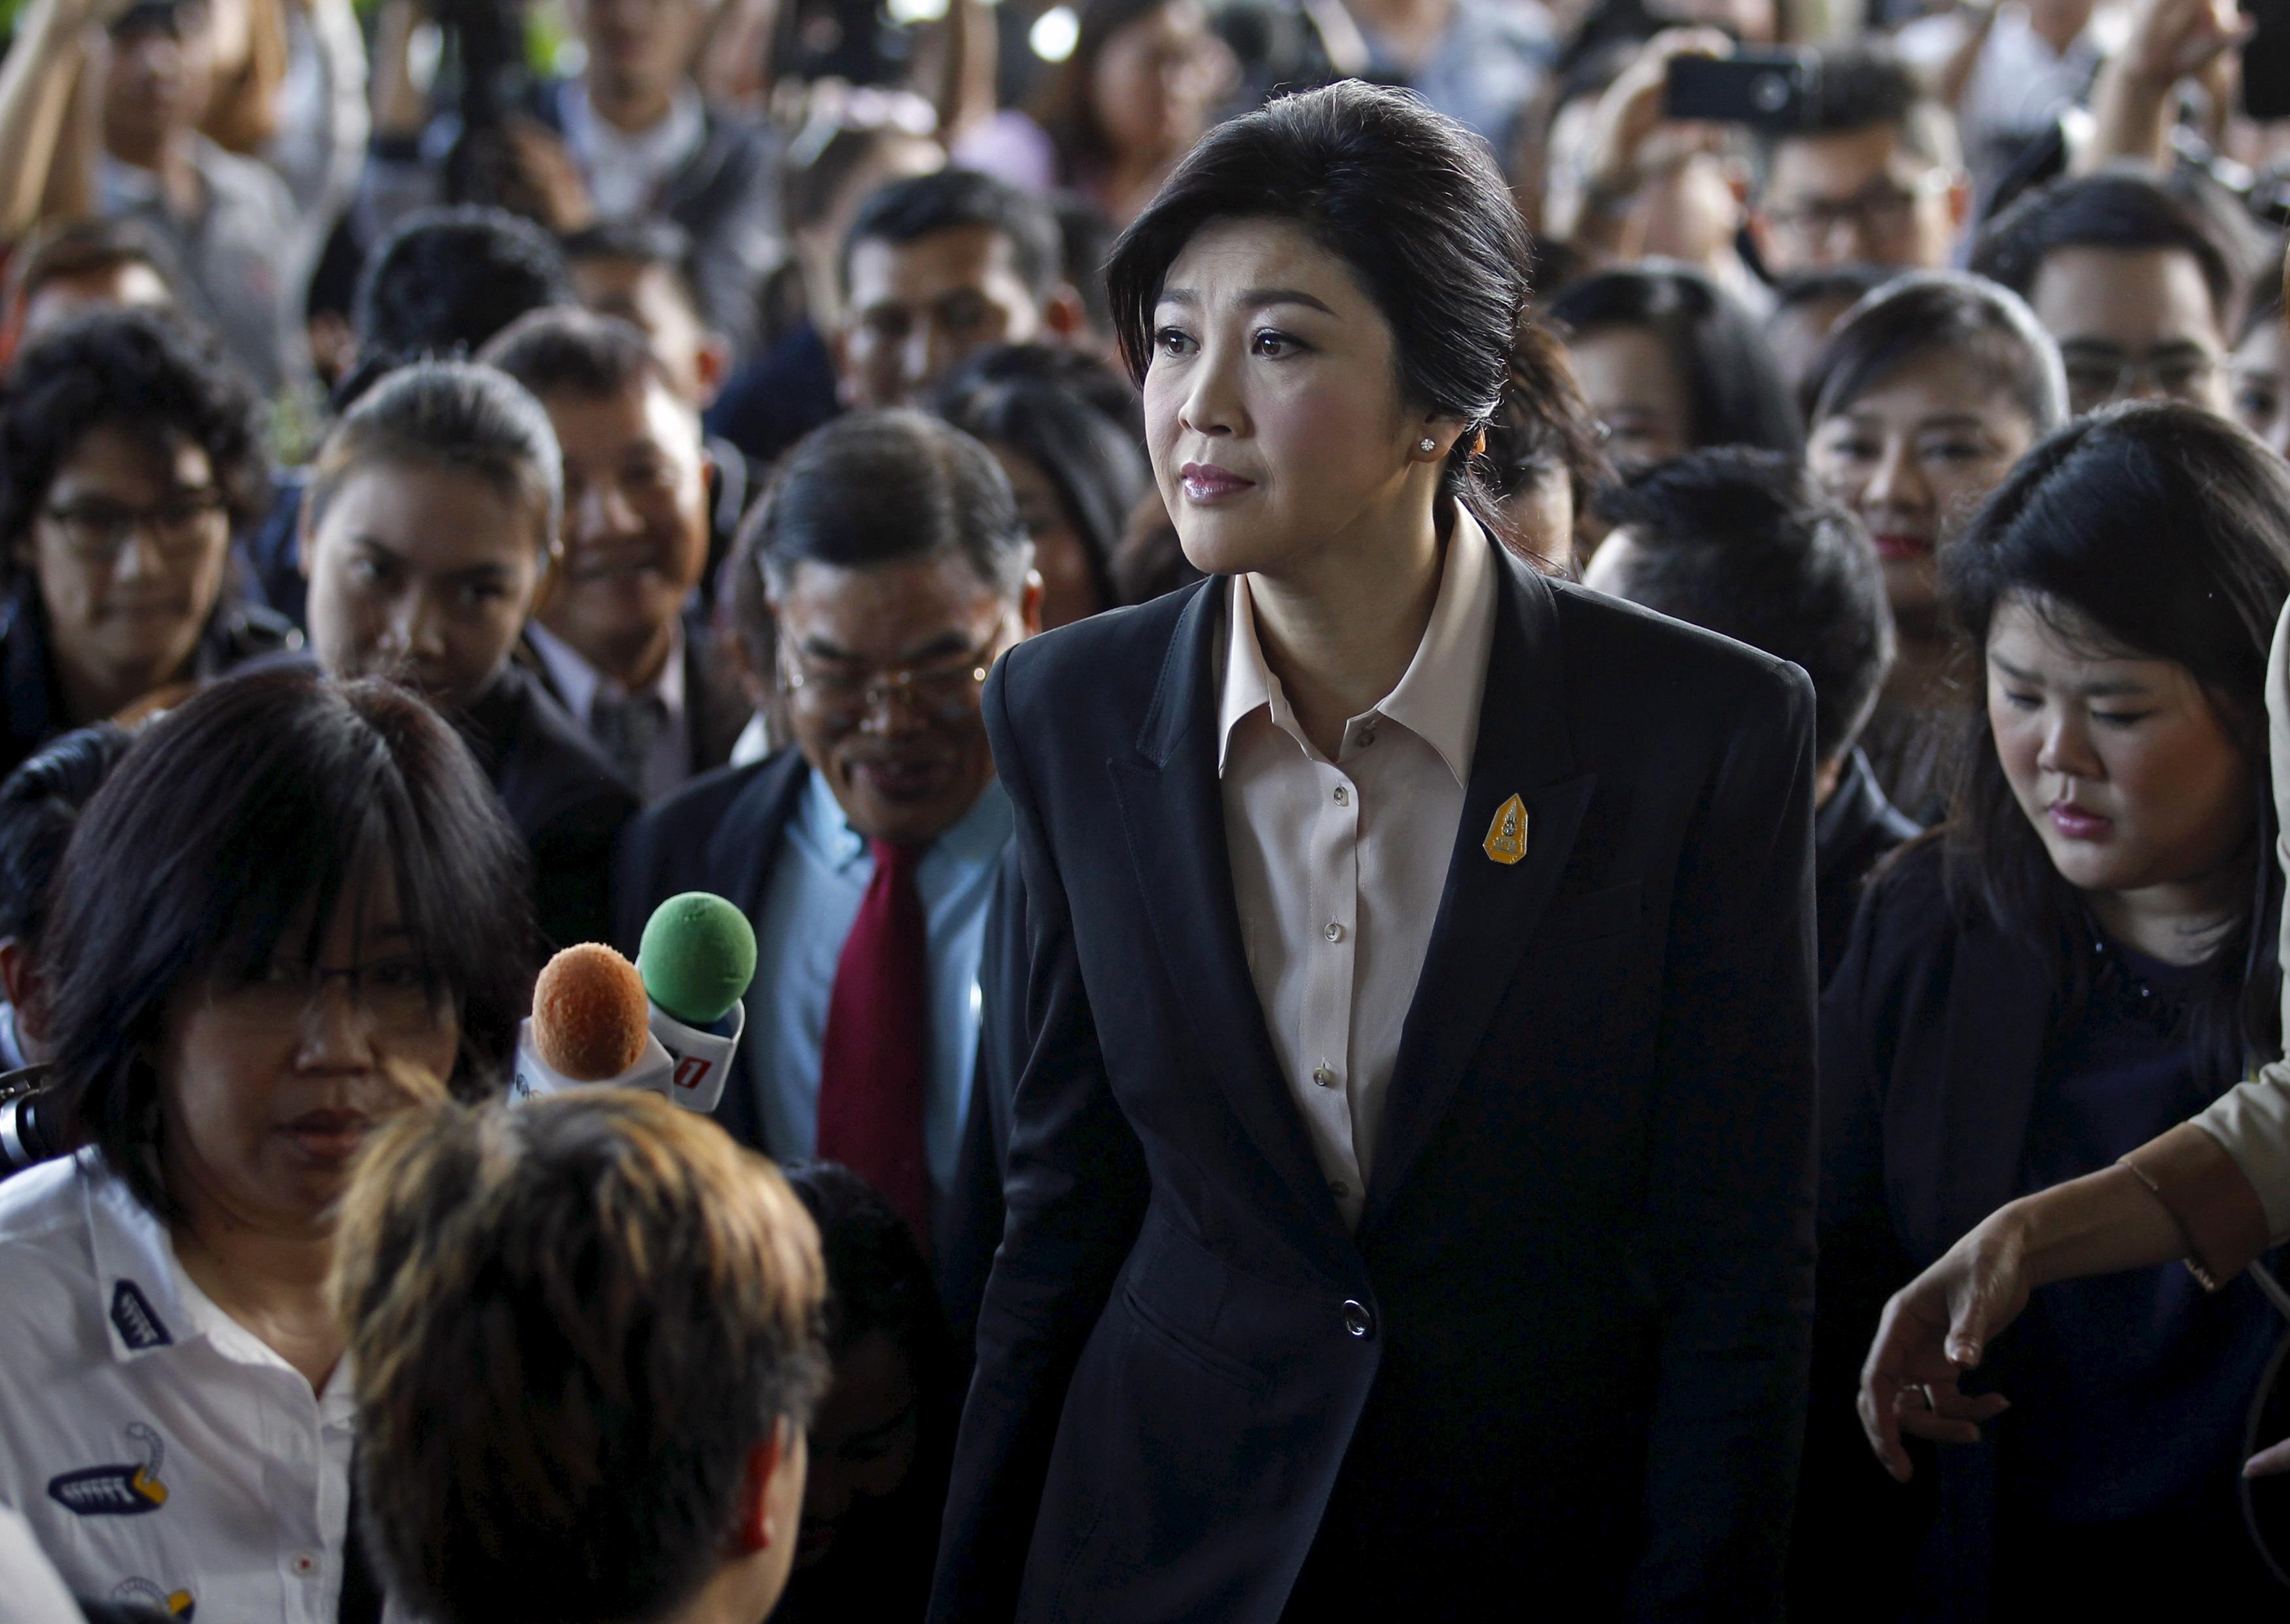 Yingluck Shinawatra, Primera Ministra entre 2011-2014, llega a la Corte Suprema de Bangkok, Tailandia, el 19 de mayo de 2015 | Fuente: Chaiwat Subprasom / Reuters